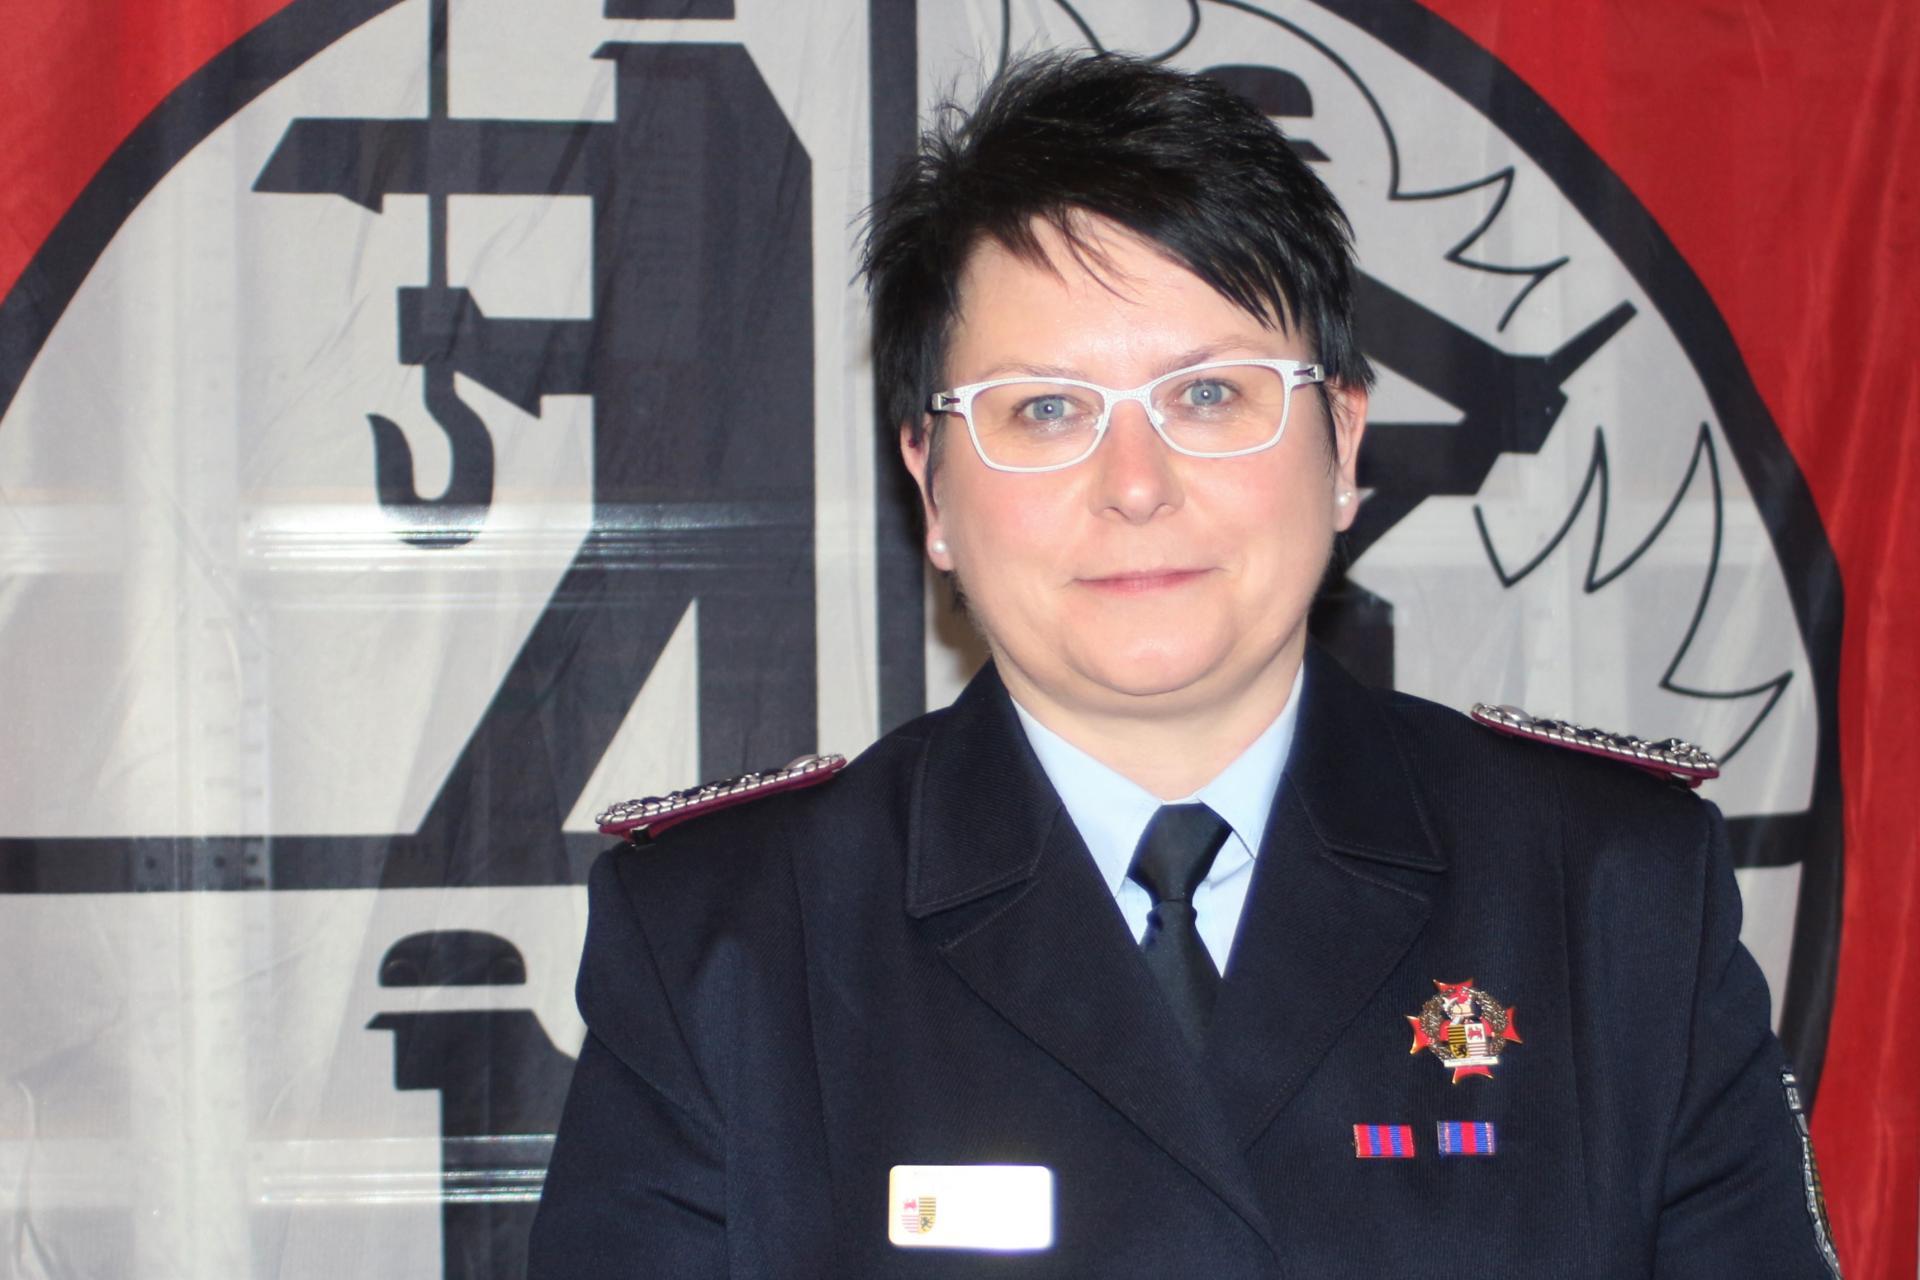 Doreen Nitzsche